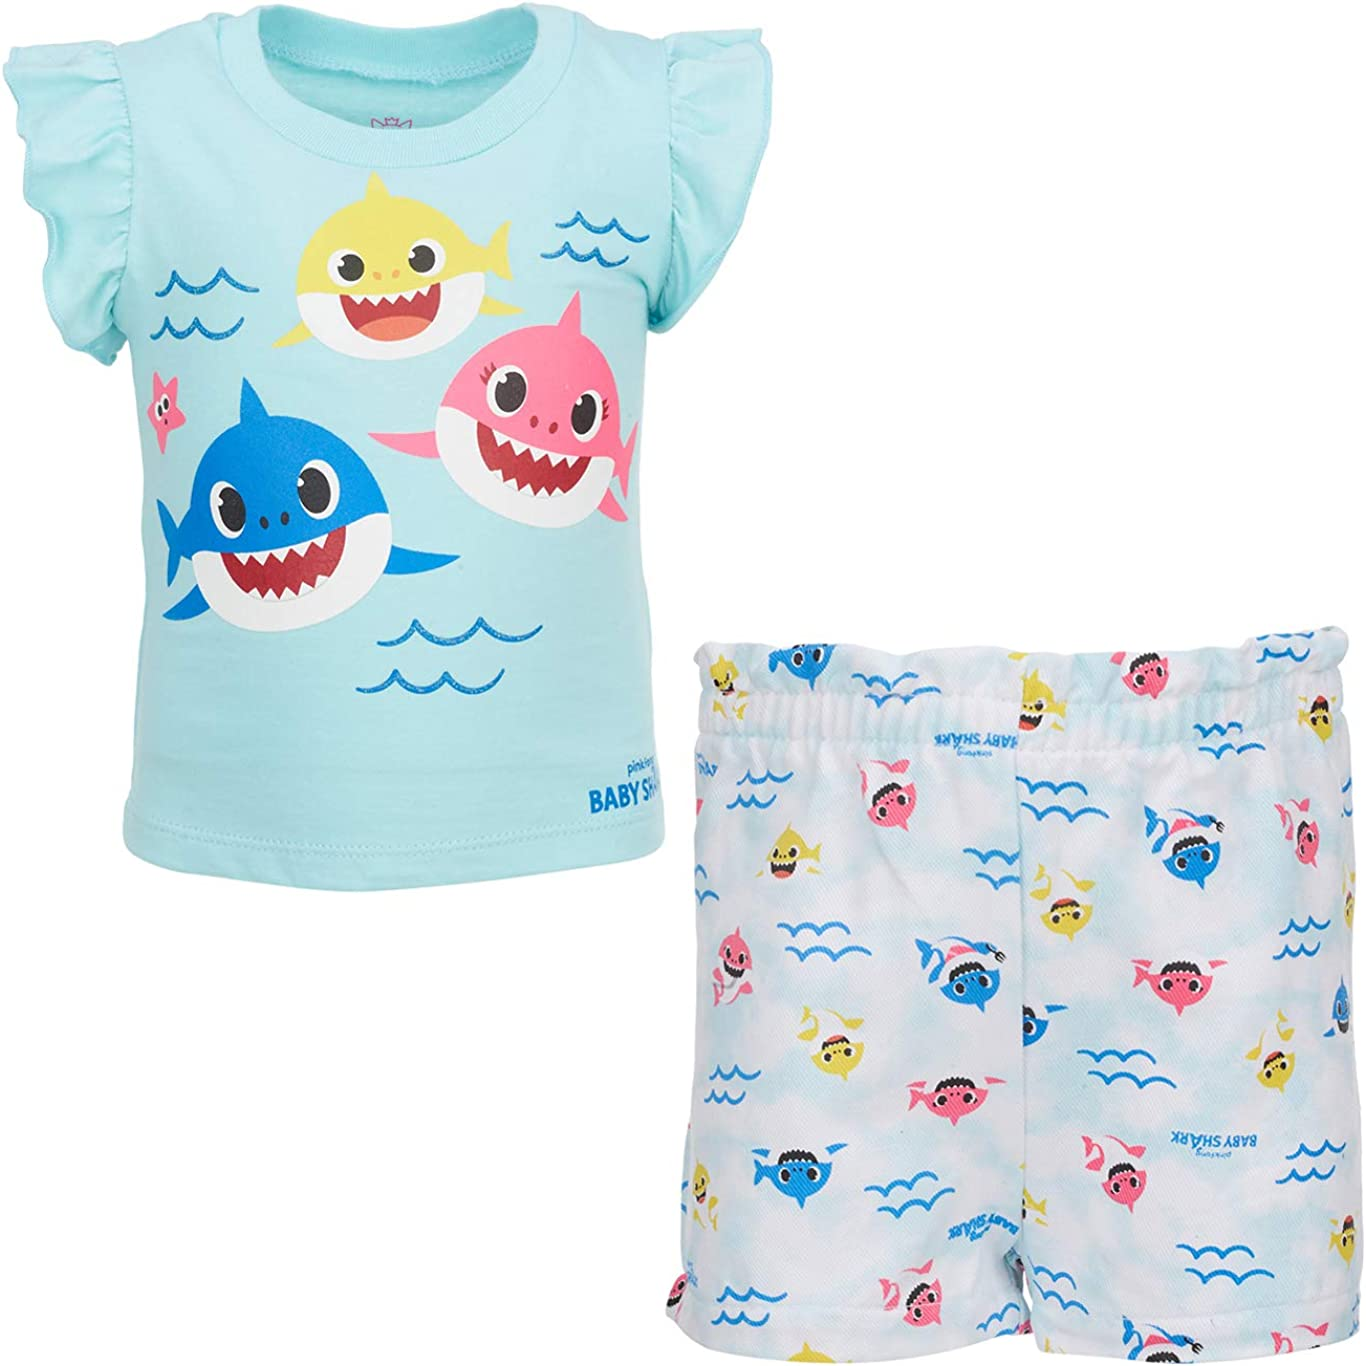 Pinkfong Baby Shark Girls Short Sleeve T-Shirt & Shorts Set